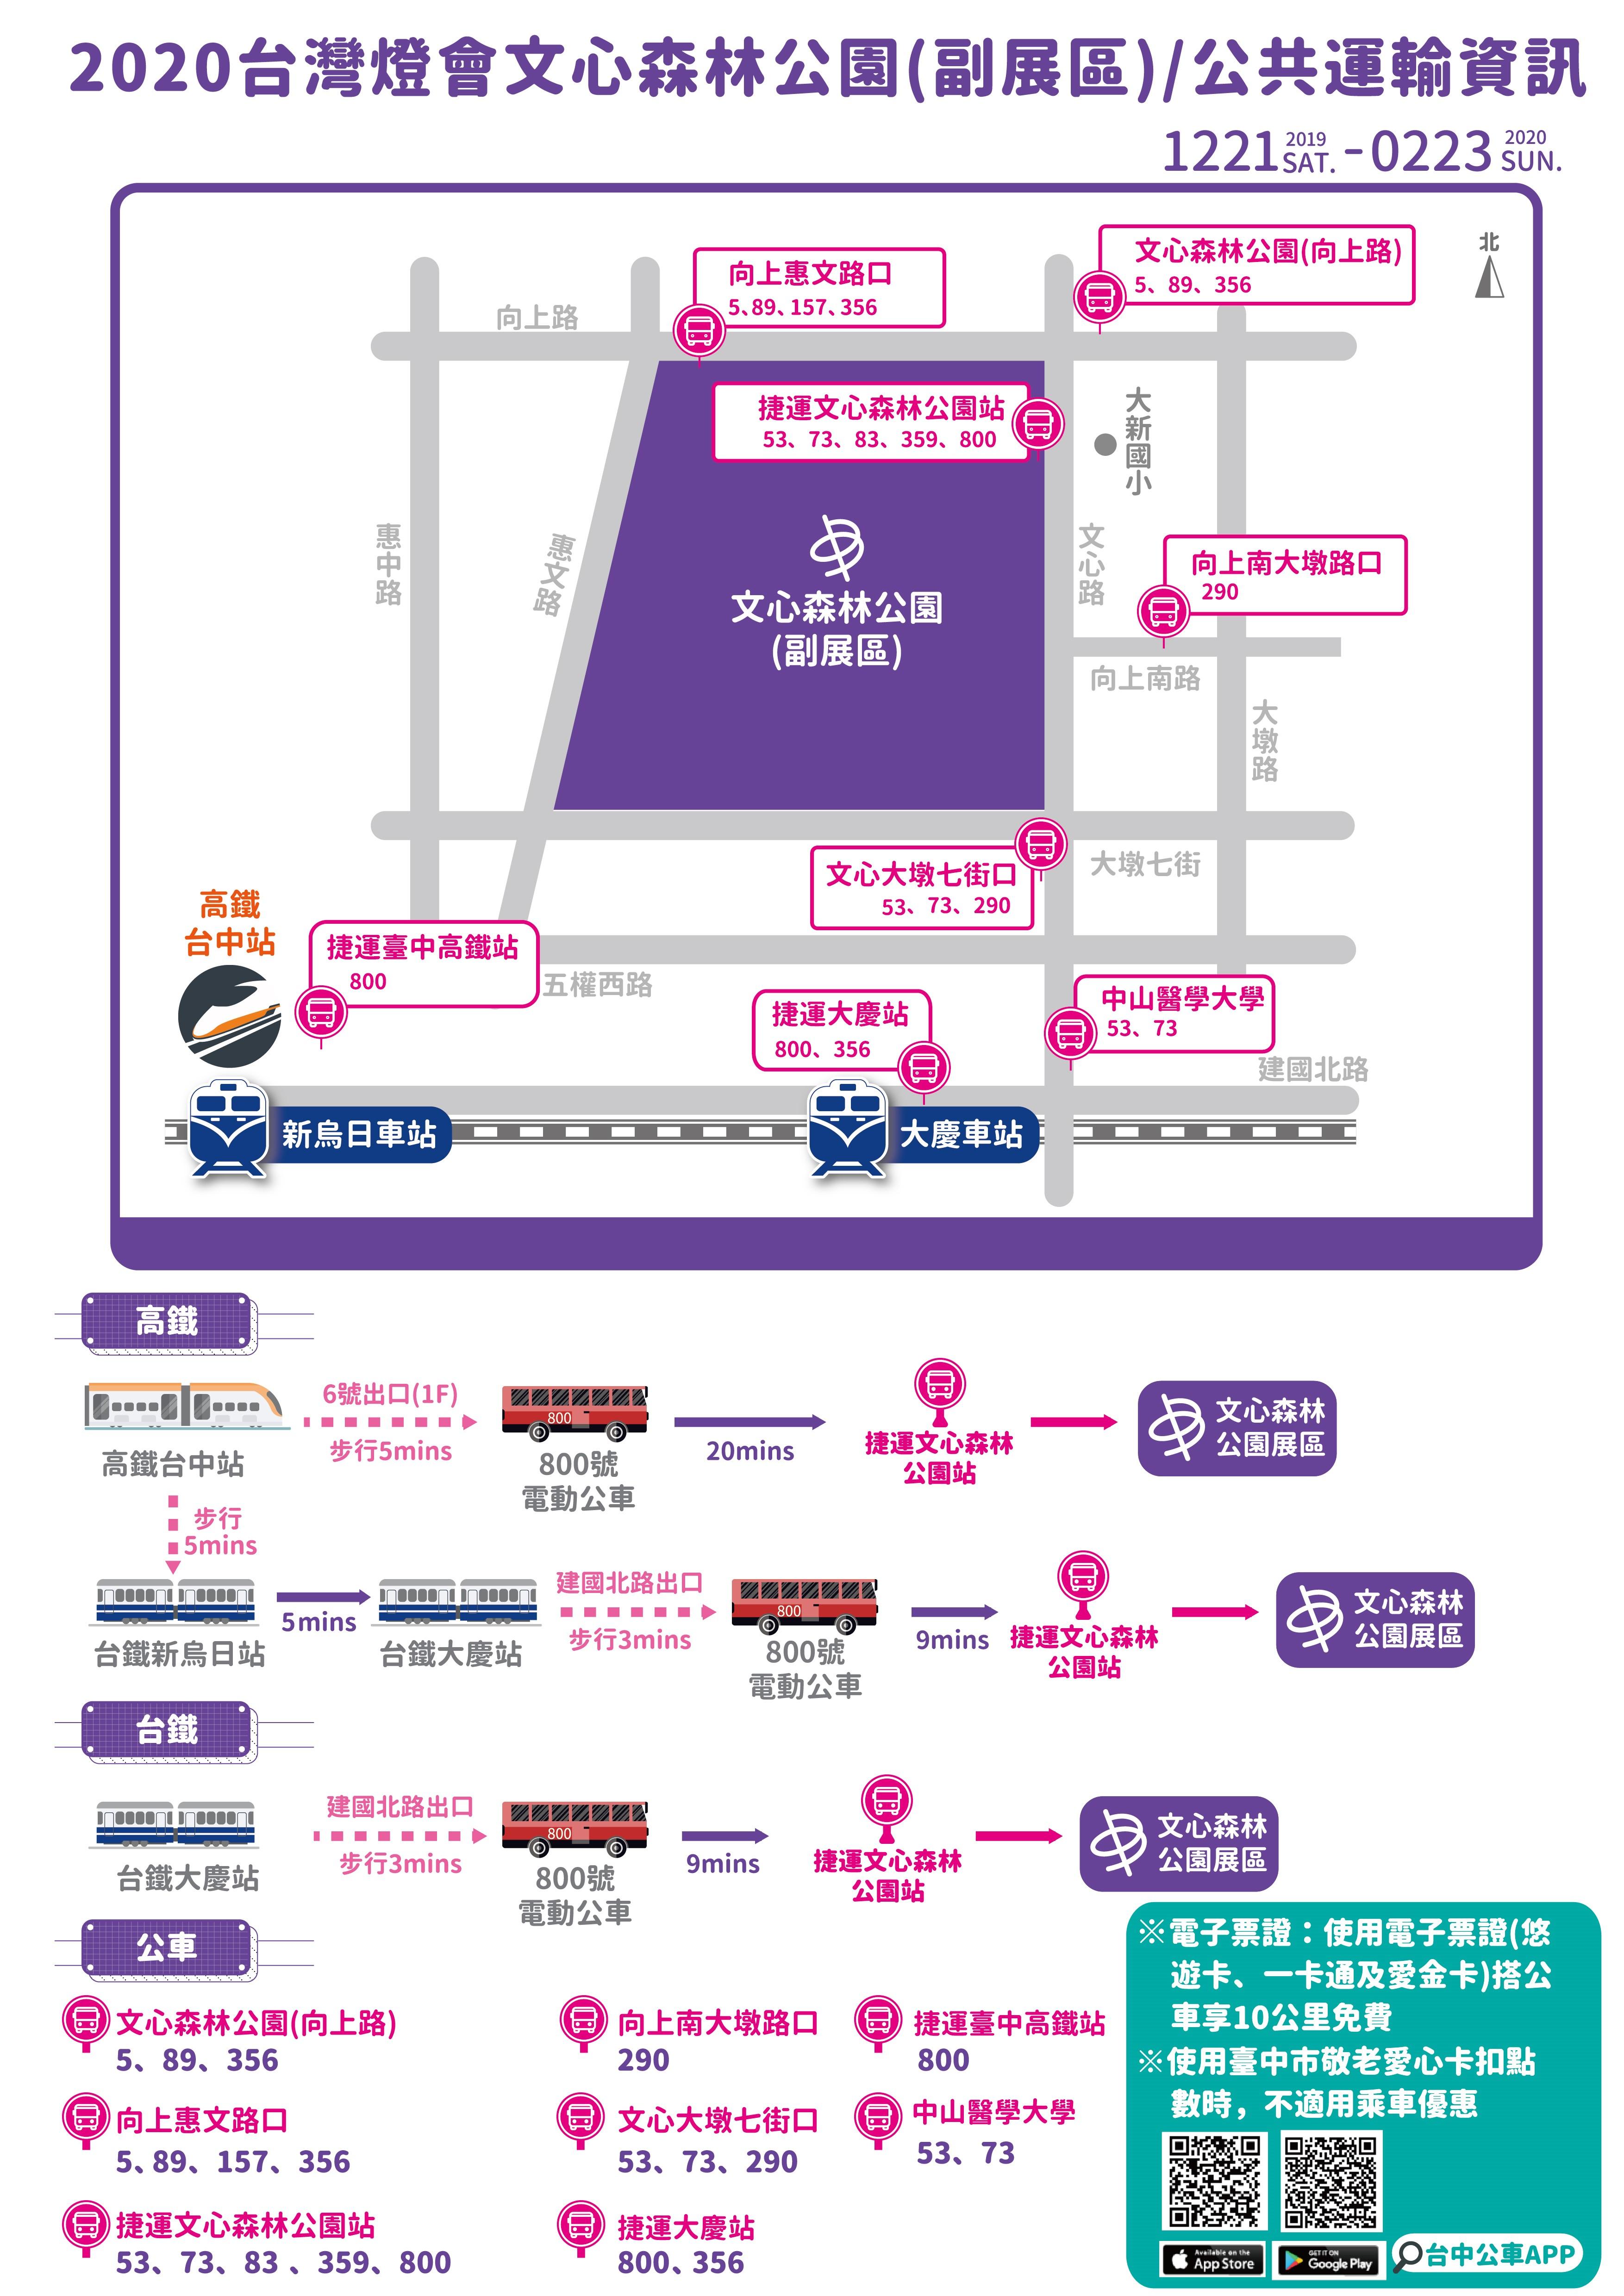 2020台灣燈會副展區12/21登場!交通局教你怎麼走不塞車